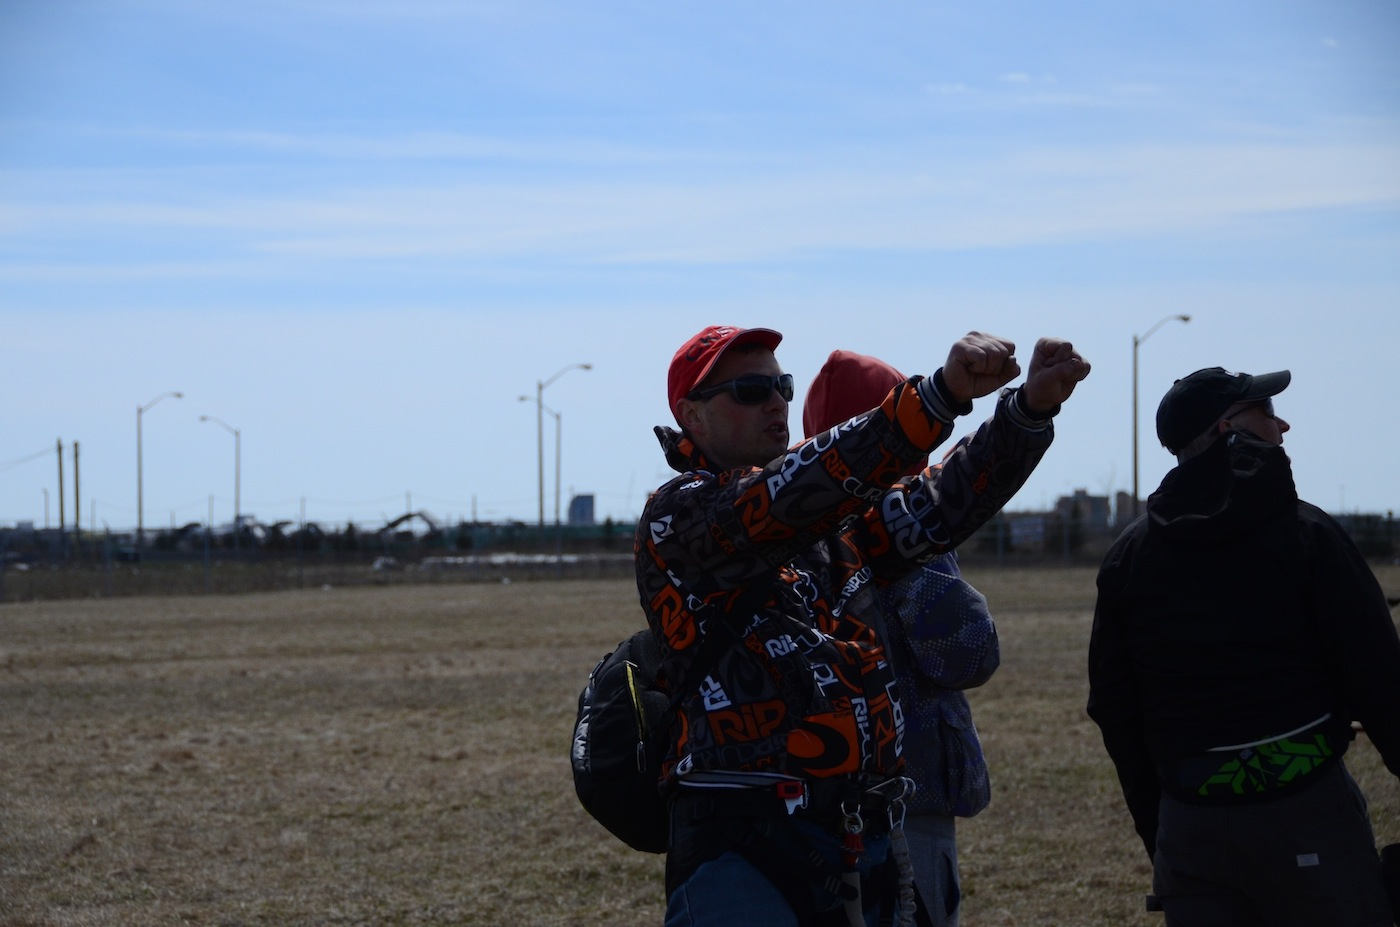 kitesufing safety